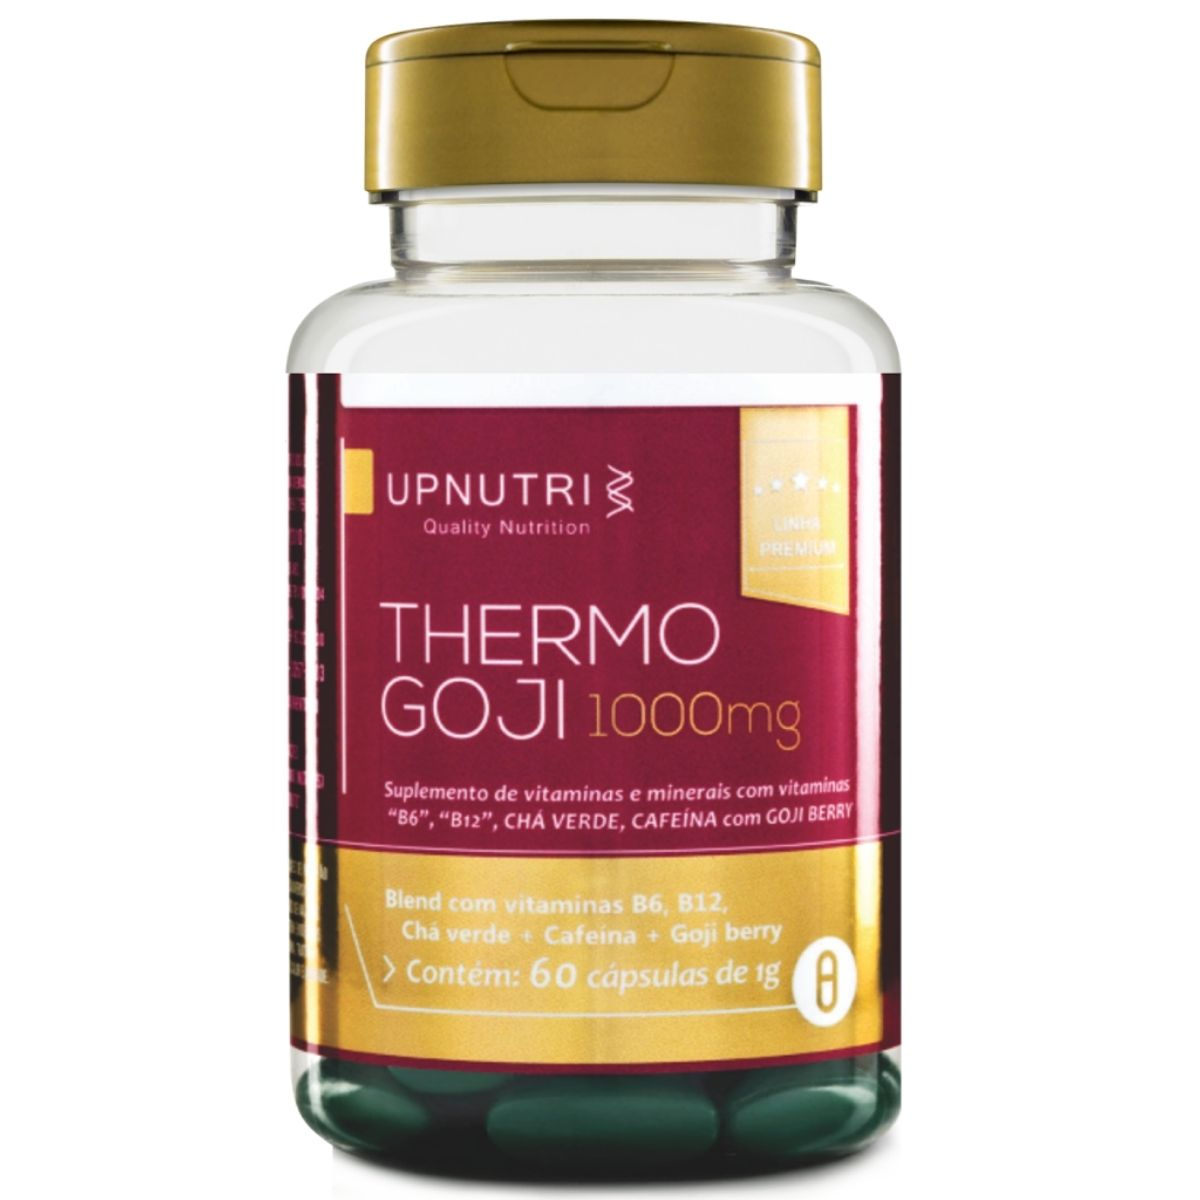 Termogênico Thermo Goji - Chá Verde + Cafeína + Goji Berry 60 Cáps - Upnutri